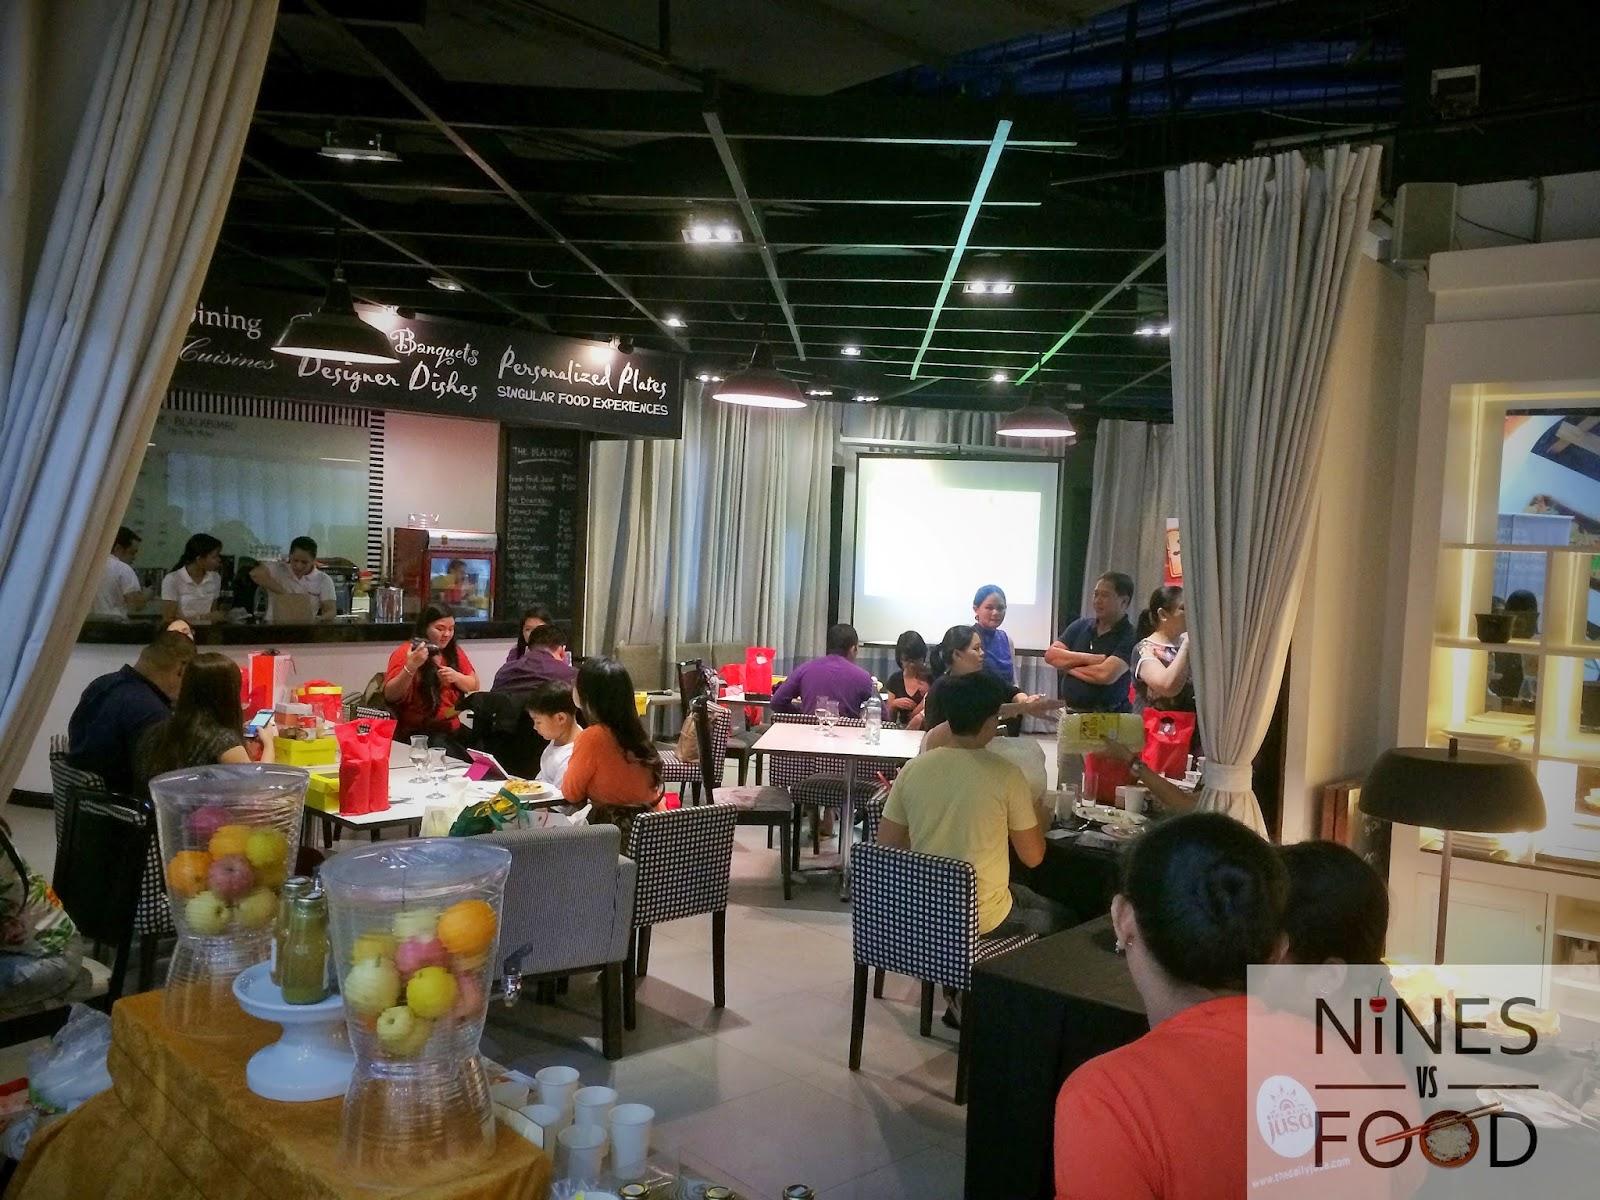 Nines vs. Food - Best Food Forward 2014-3.jpg